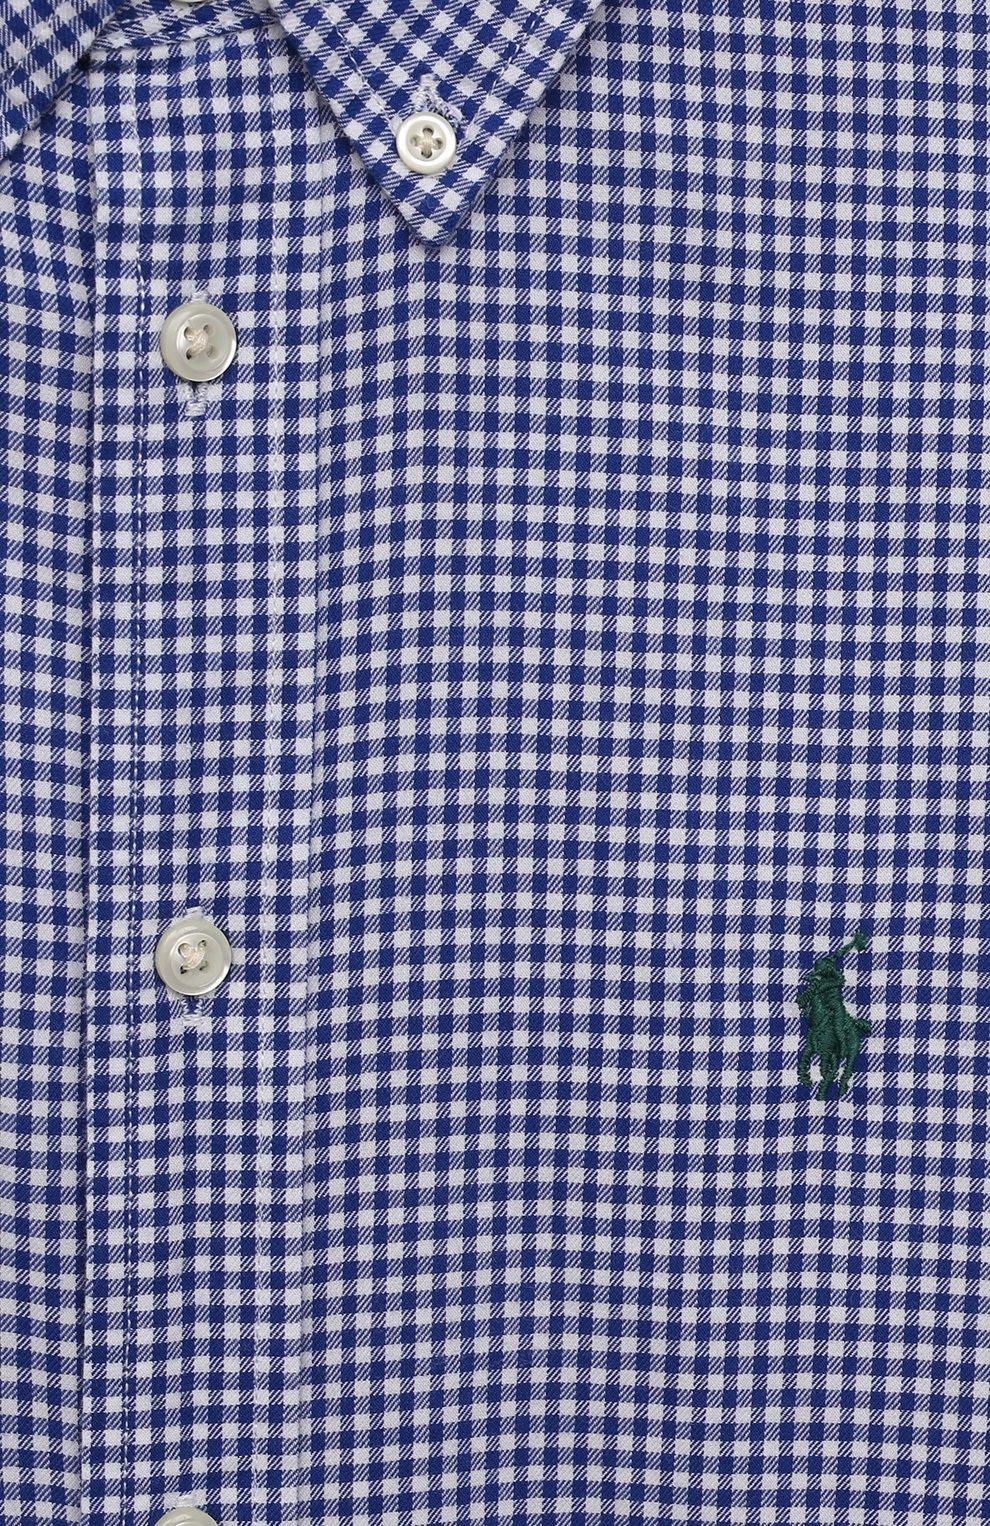 Детская хлопковая рубашка POLO RALPH LAUREN синего цвета, арт. 323845293   Фото 3 (Рукава: Длинные; Случай: Повседневный; Материал внешний: Хлопок; Ростовка одежда: 13 - 15 лет   158 см, 10 - 11 лет   140 - 146см, 9 лет   134 см, 16 лет   164 см)